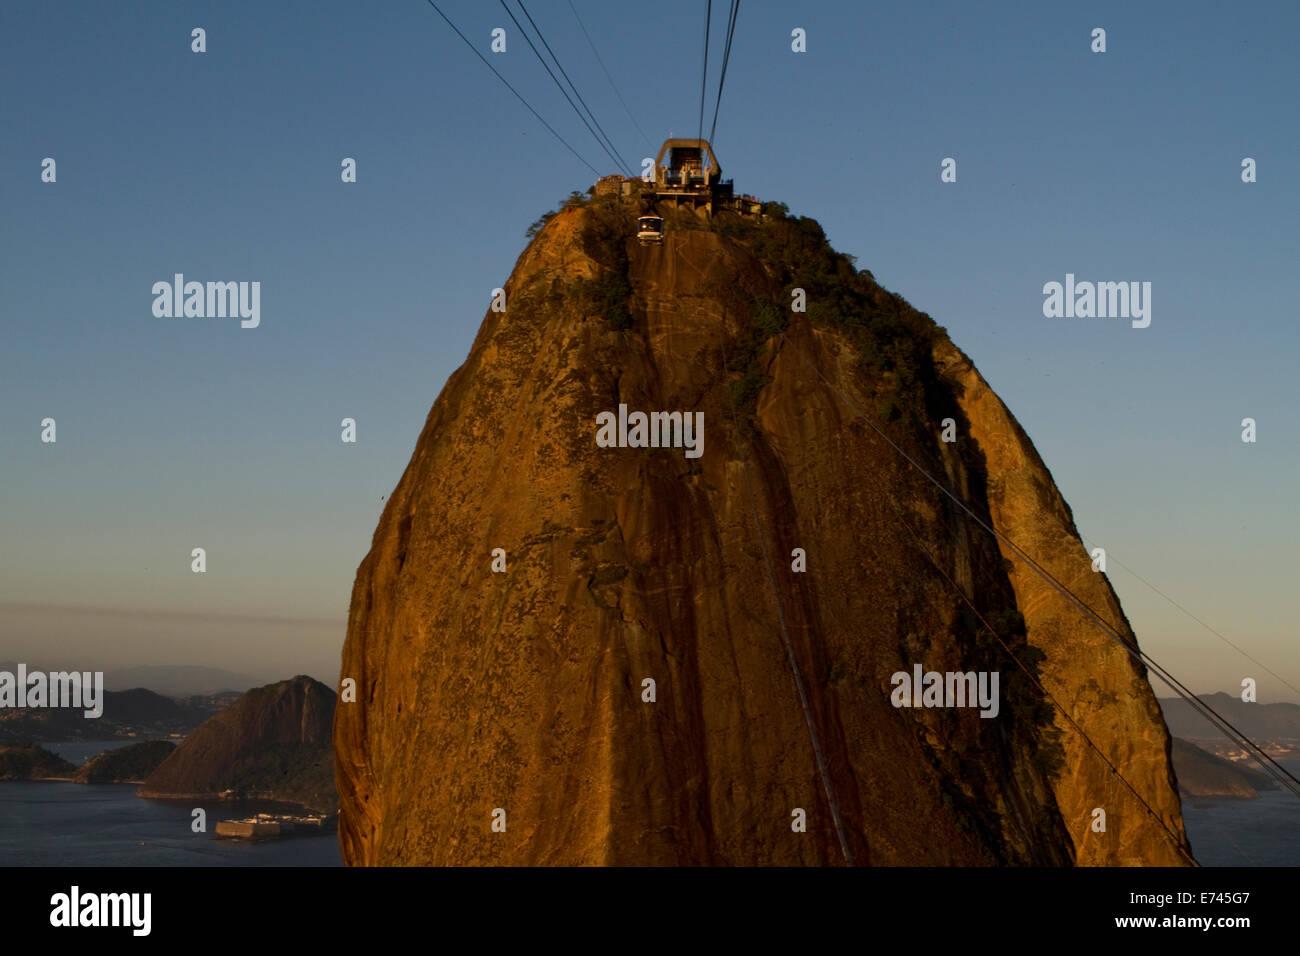 Pao de Azucar, Rio de Janeiro, Brazil. - Stock Image